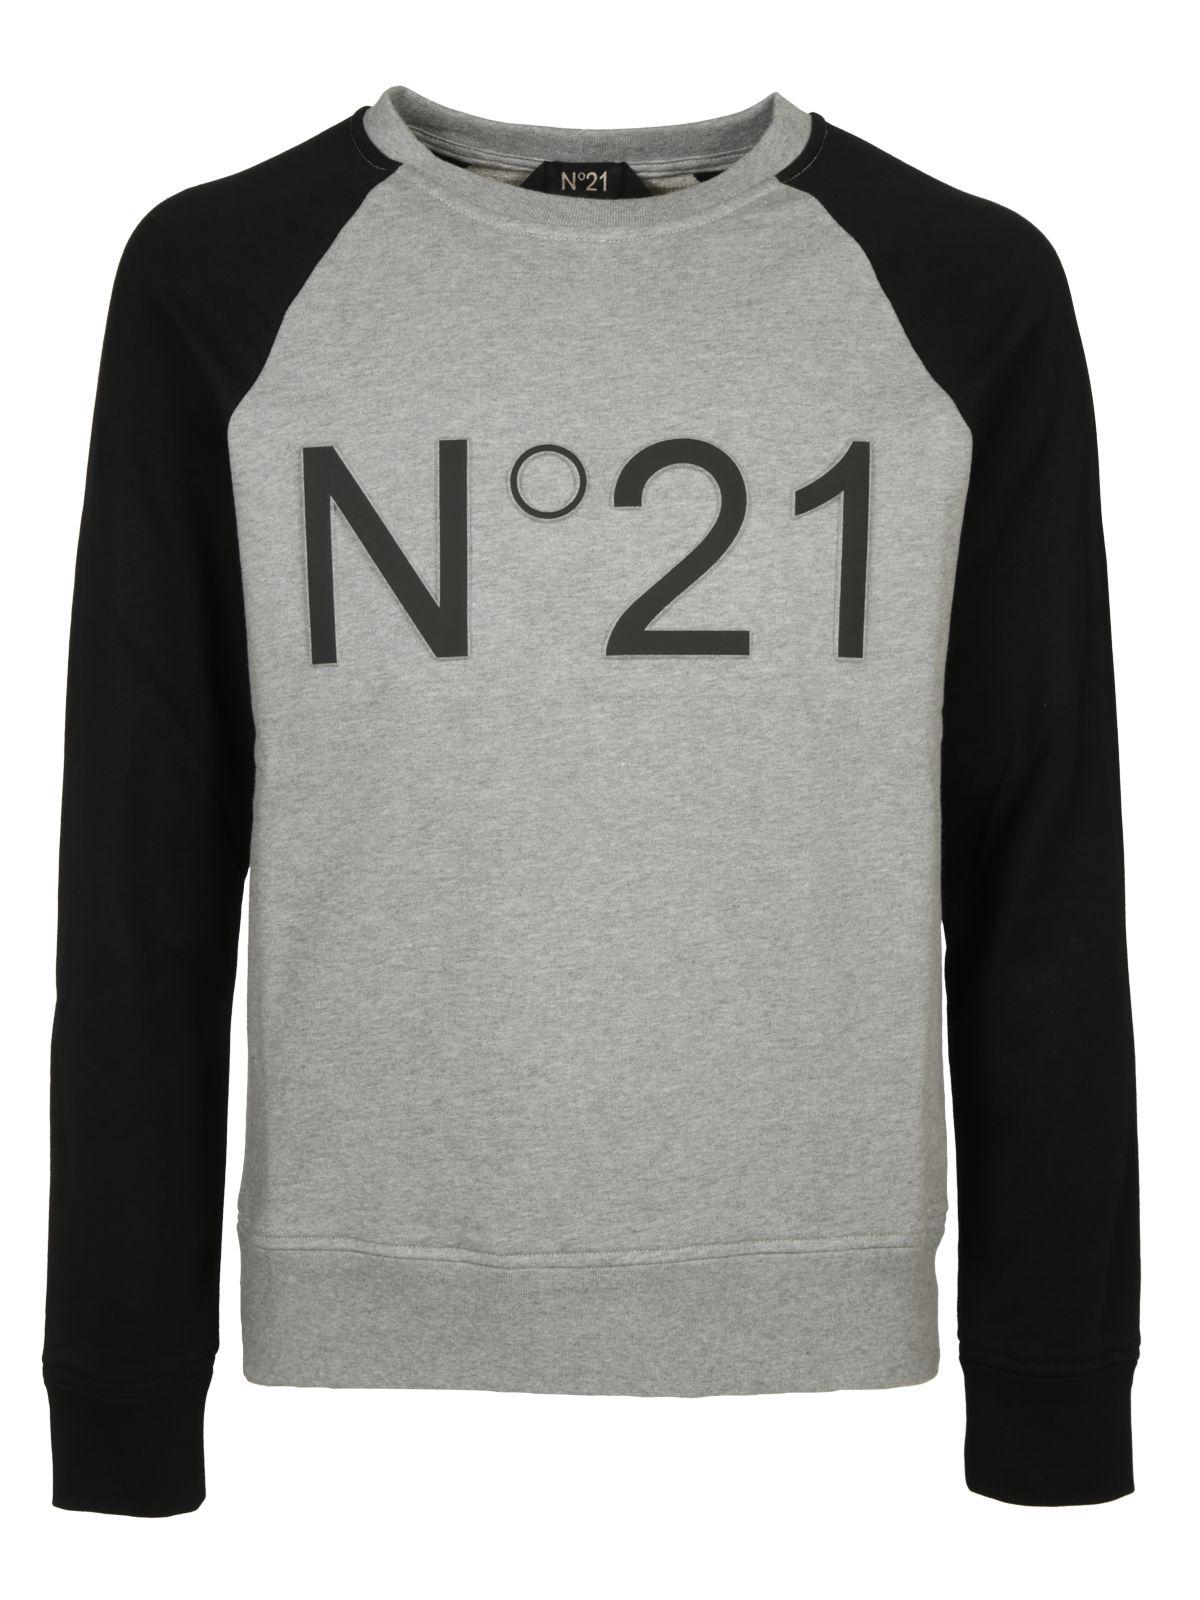 N.21 N°21 Sweatshirt With Logo